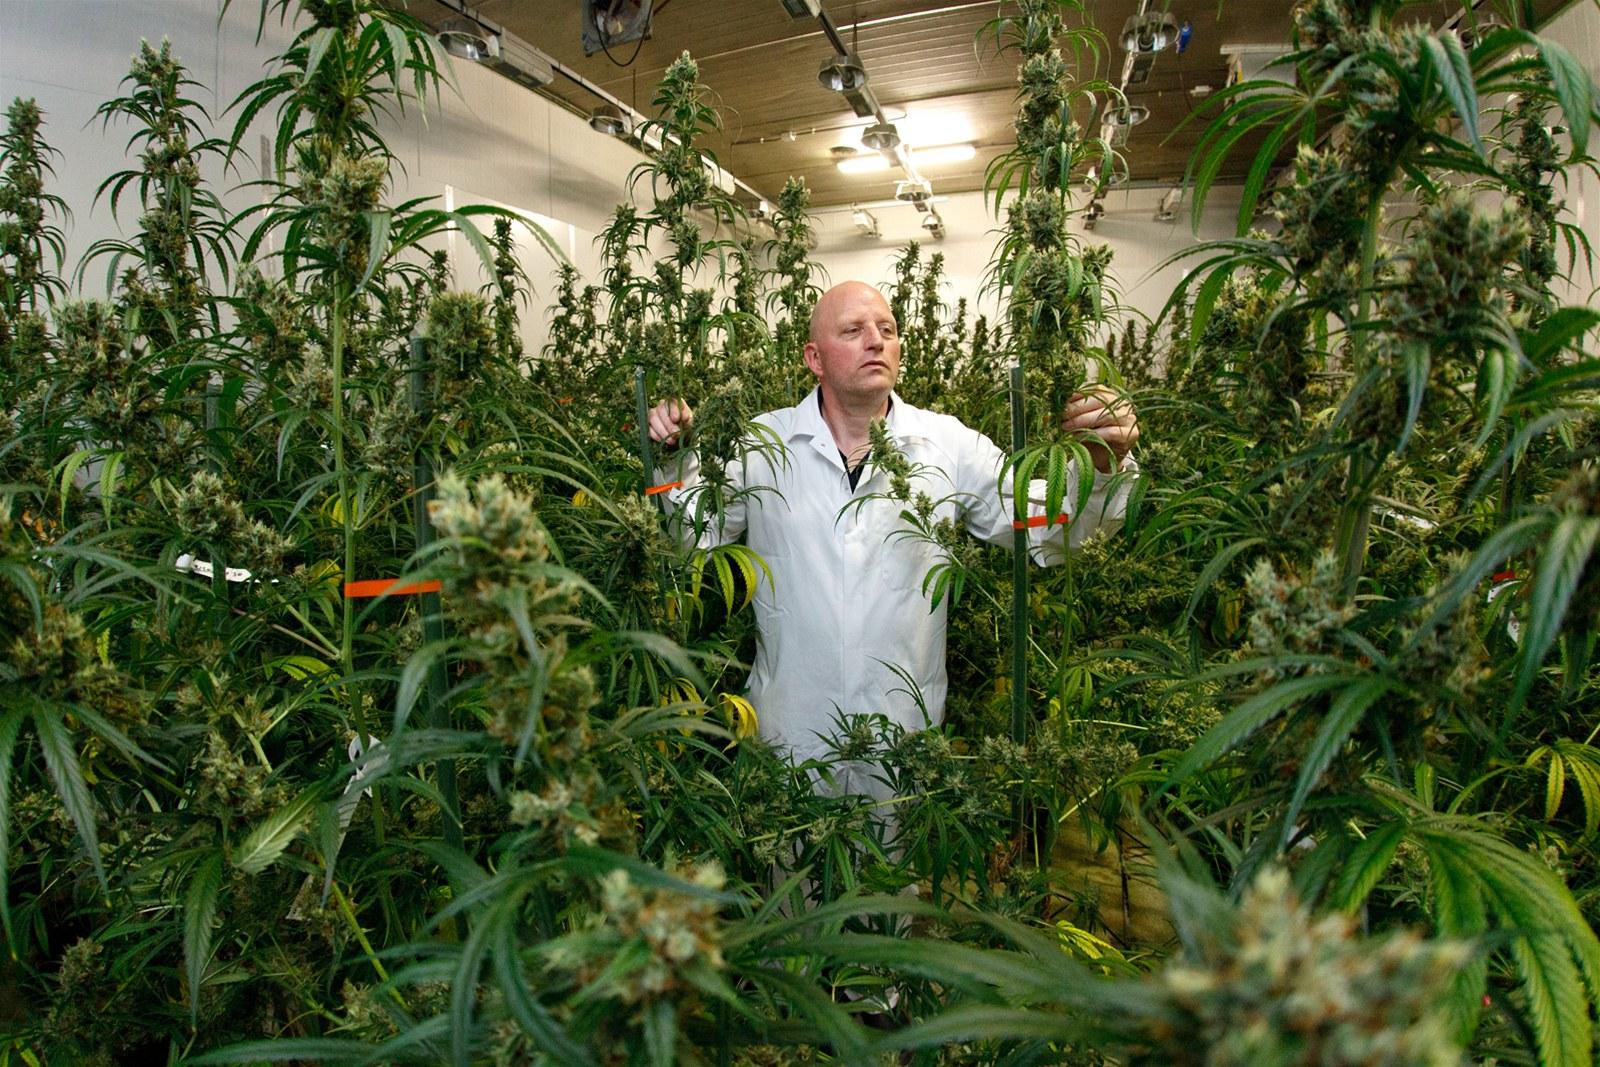 Fotogalerie: Léčebná marihuana, Bedrocan, Holandsko